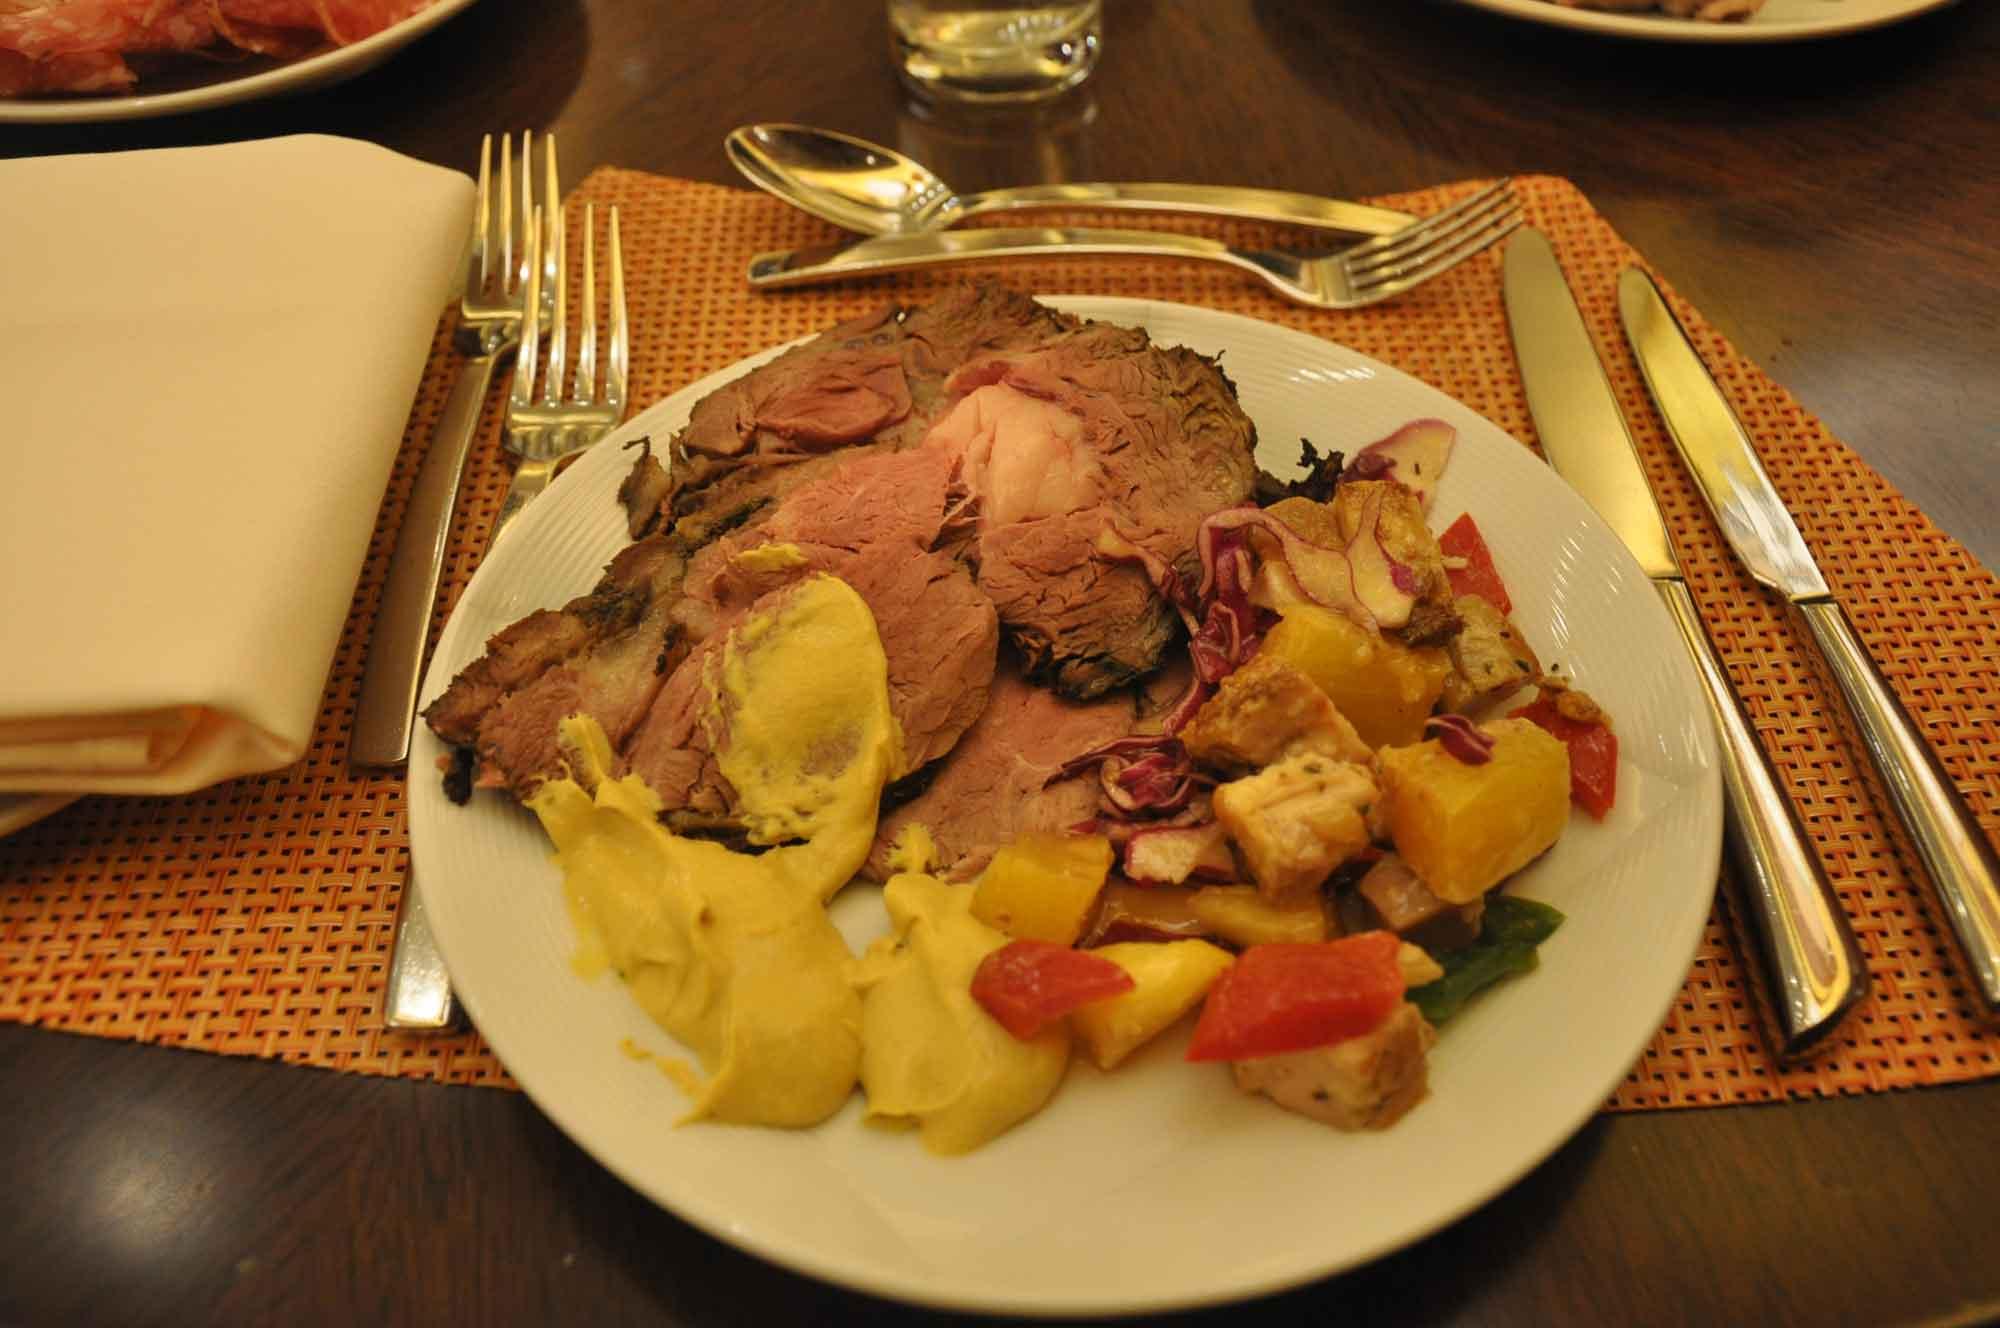 Grand Orbit Macau meat and vegetables